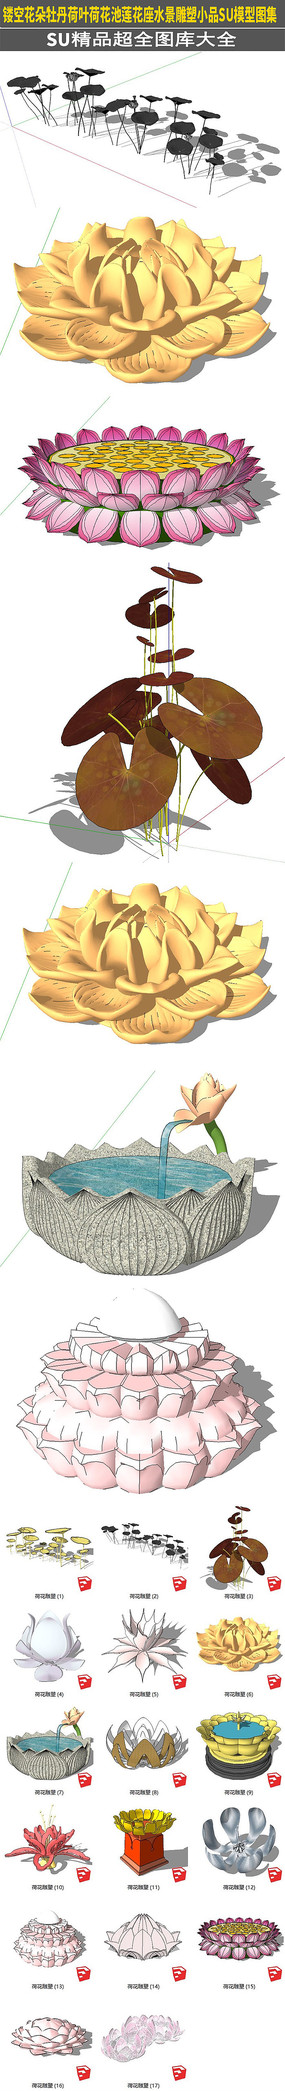 18套镂空花朵牡丹荷叶荷花雕塑小品